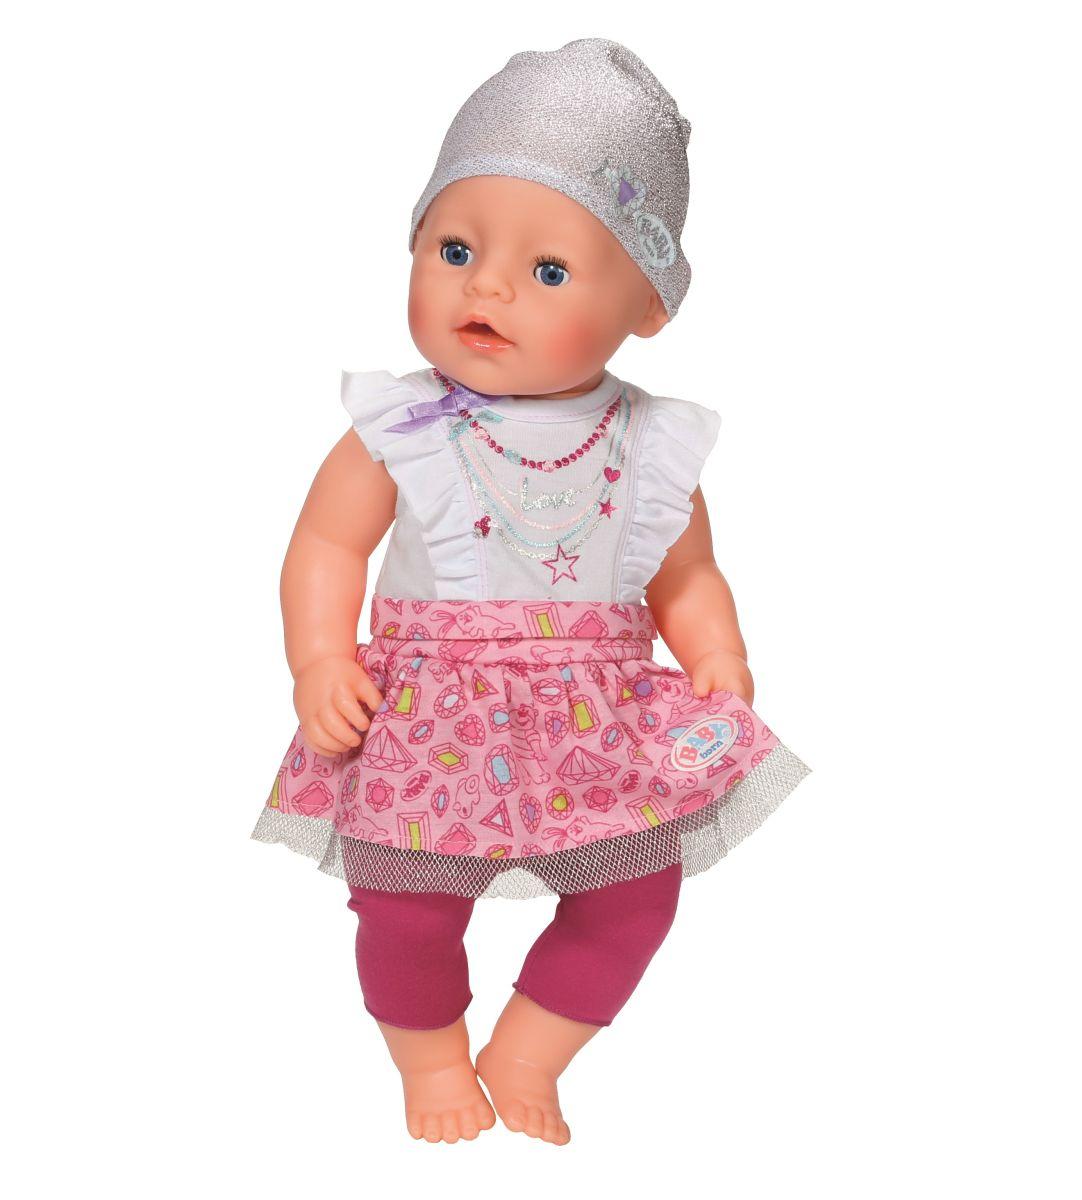 baby born kleidung mit leggins und oberteil von zapf. Black Bedroom Furniture Sets. Home Design Ideas